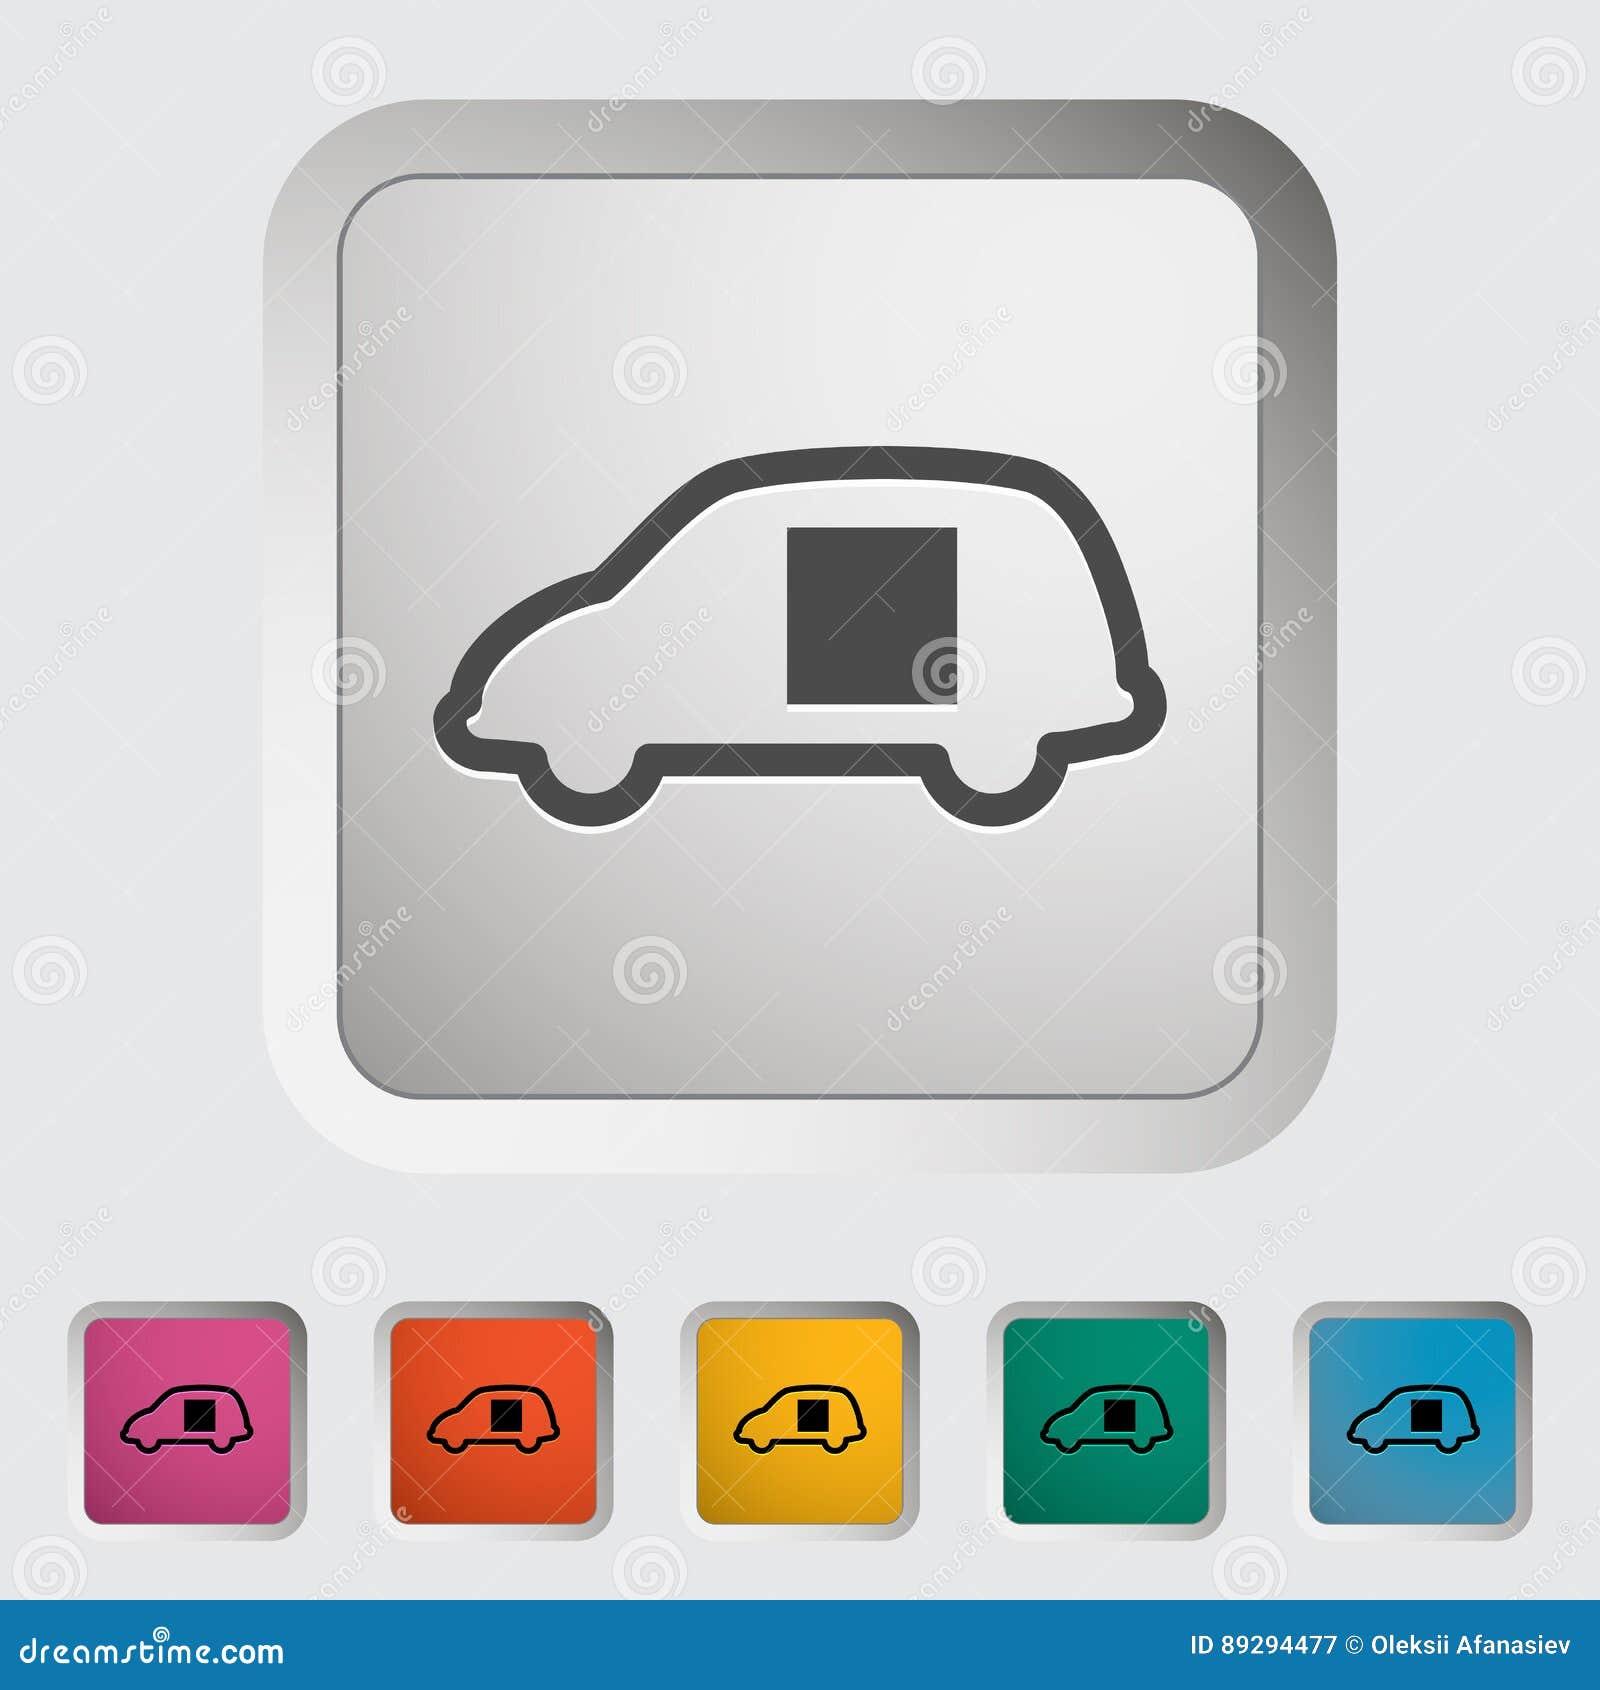 Car Sliding Door Stock Vector Illustration Of Vector 89294477